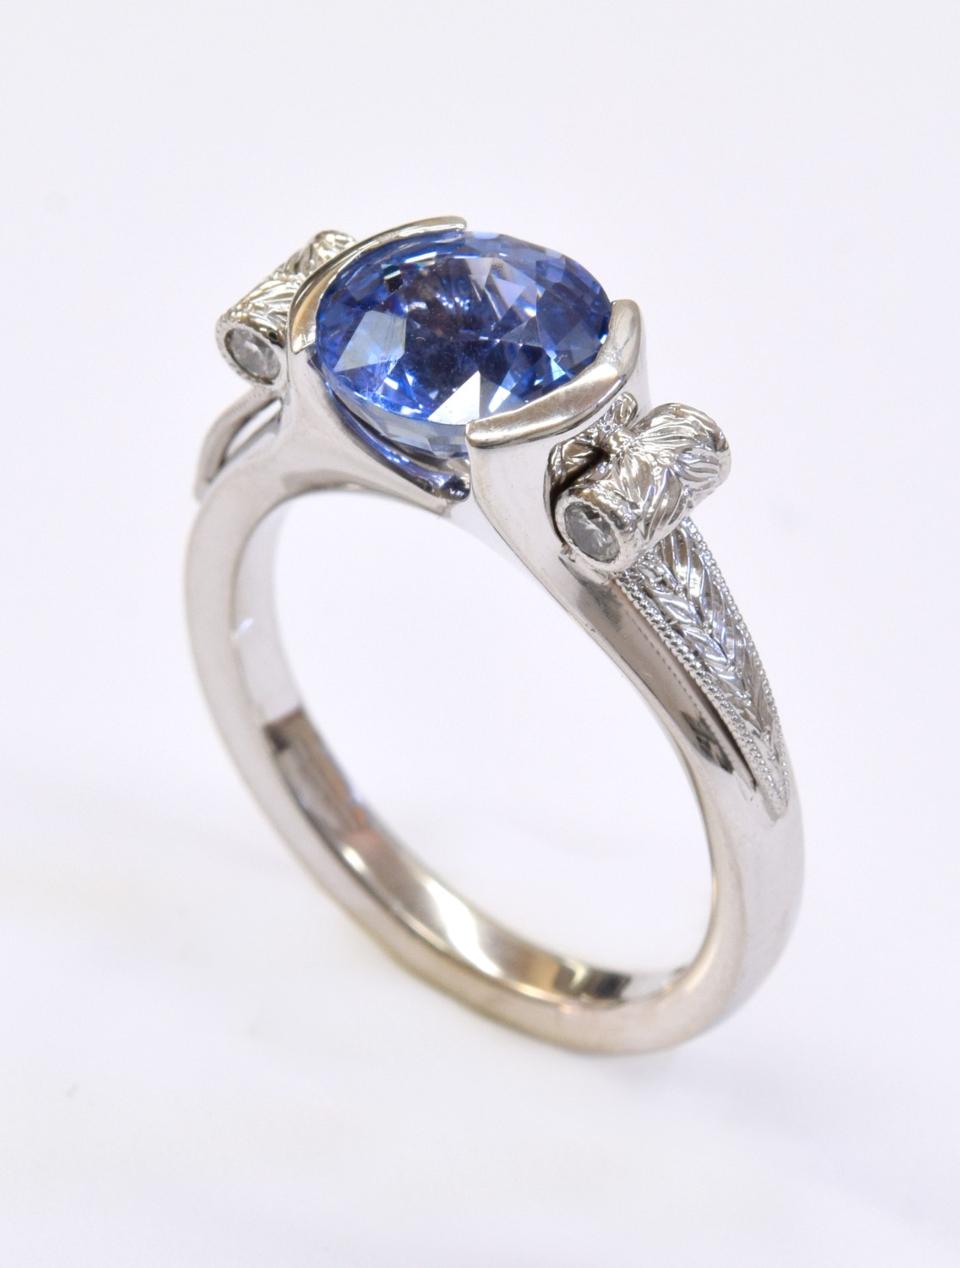 /details.cfm/Burton_Custom_Jewelry?pattern=-1&sort=pattern_a&prodid=184972